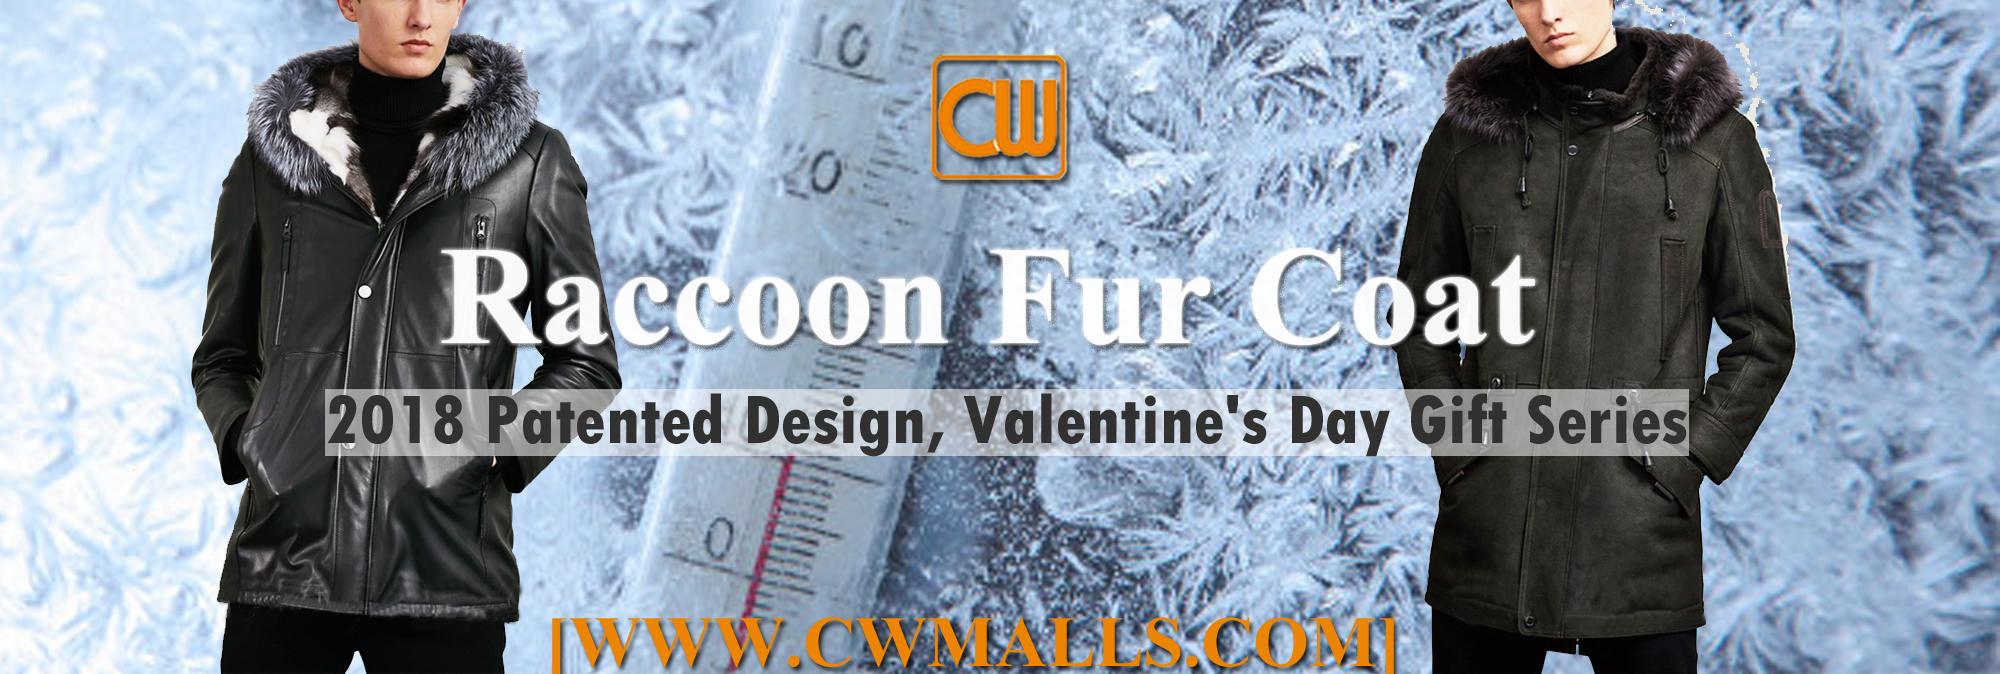 CWMALLS Raccoon Fur Coat